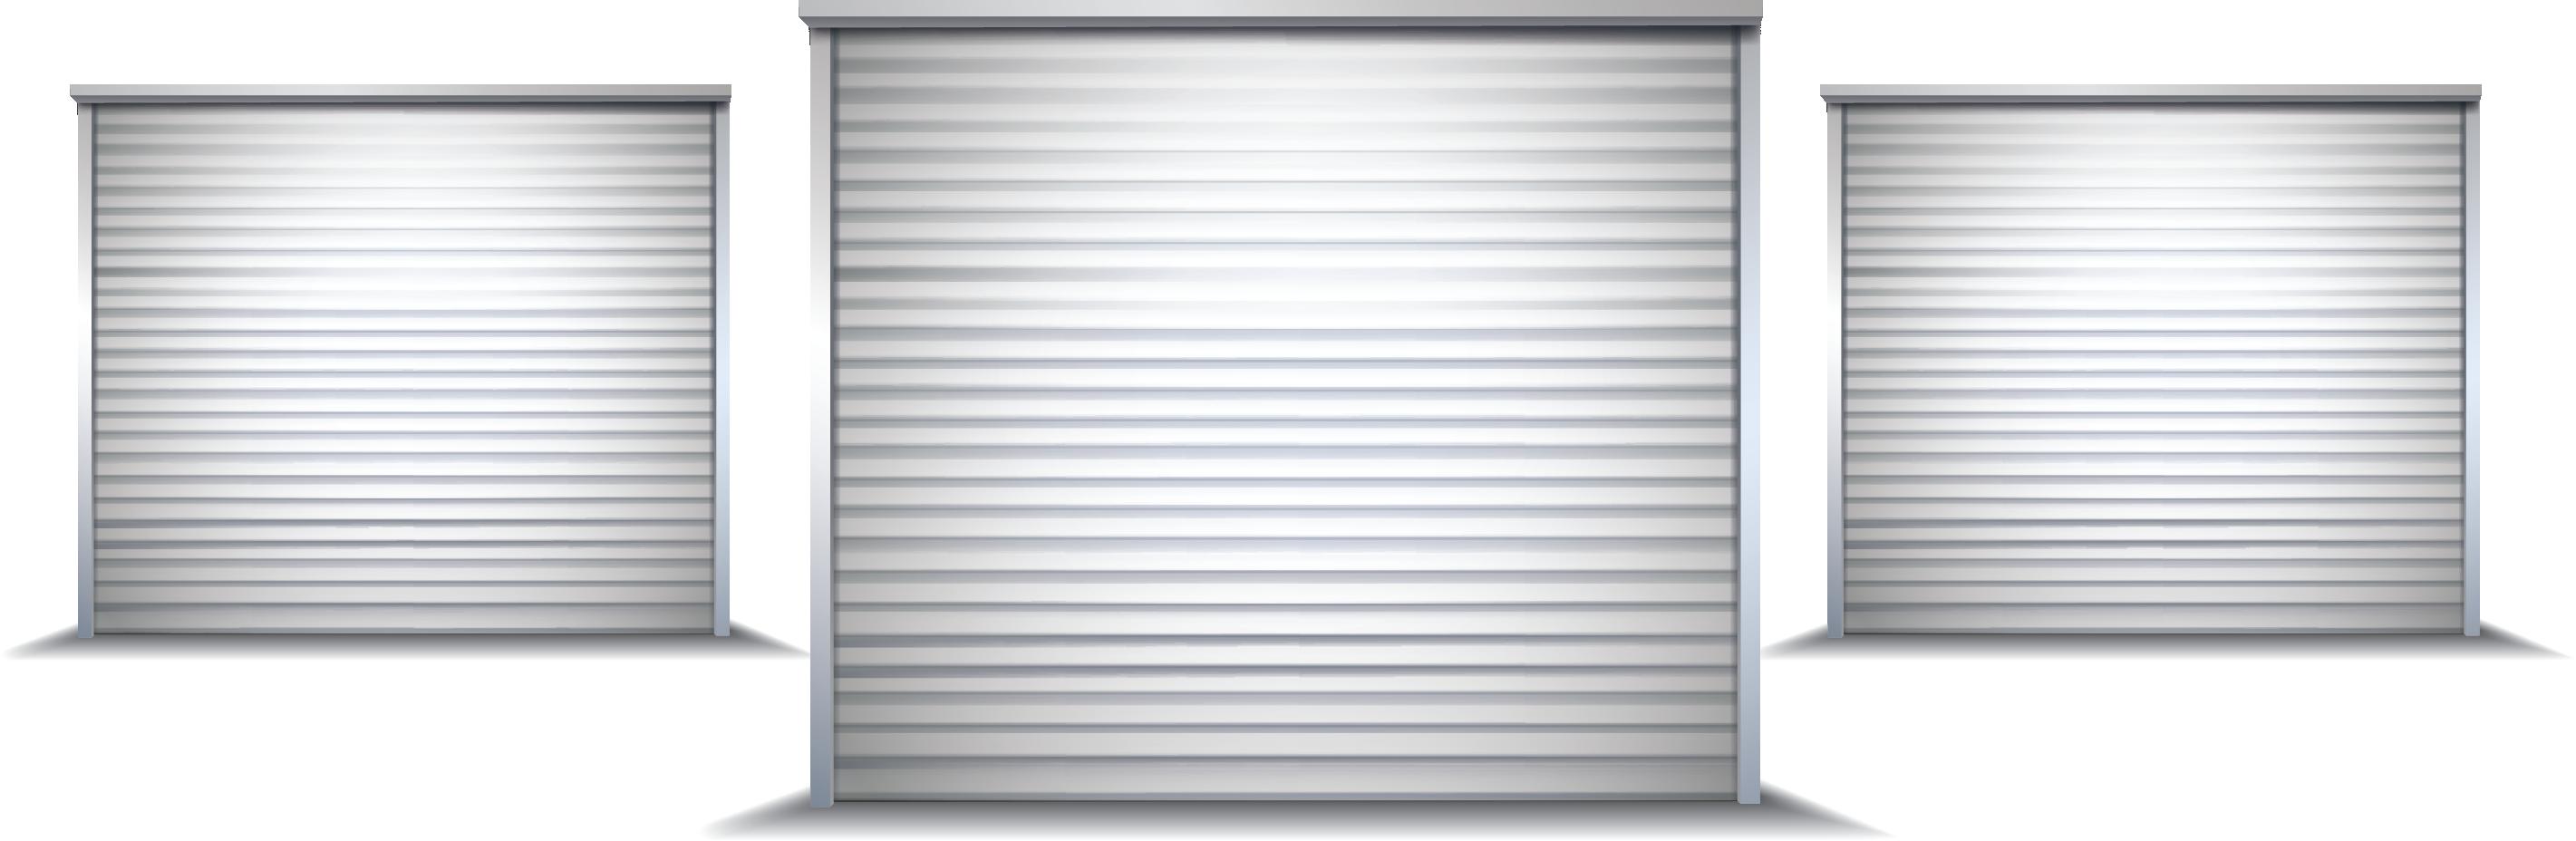 Aluminium-Roller-Shutters